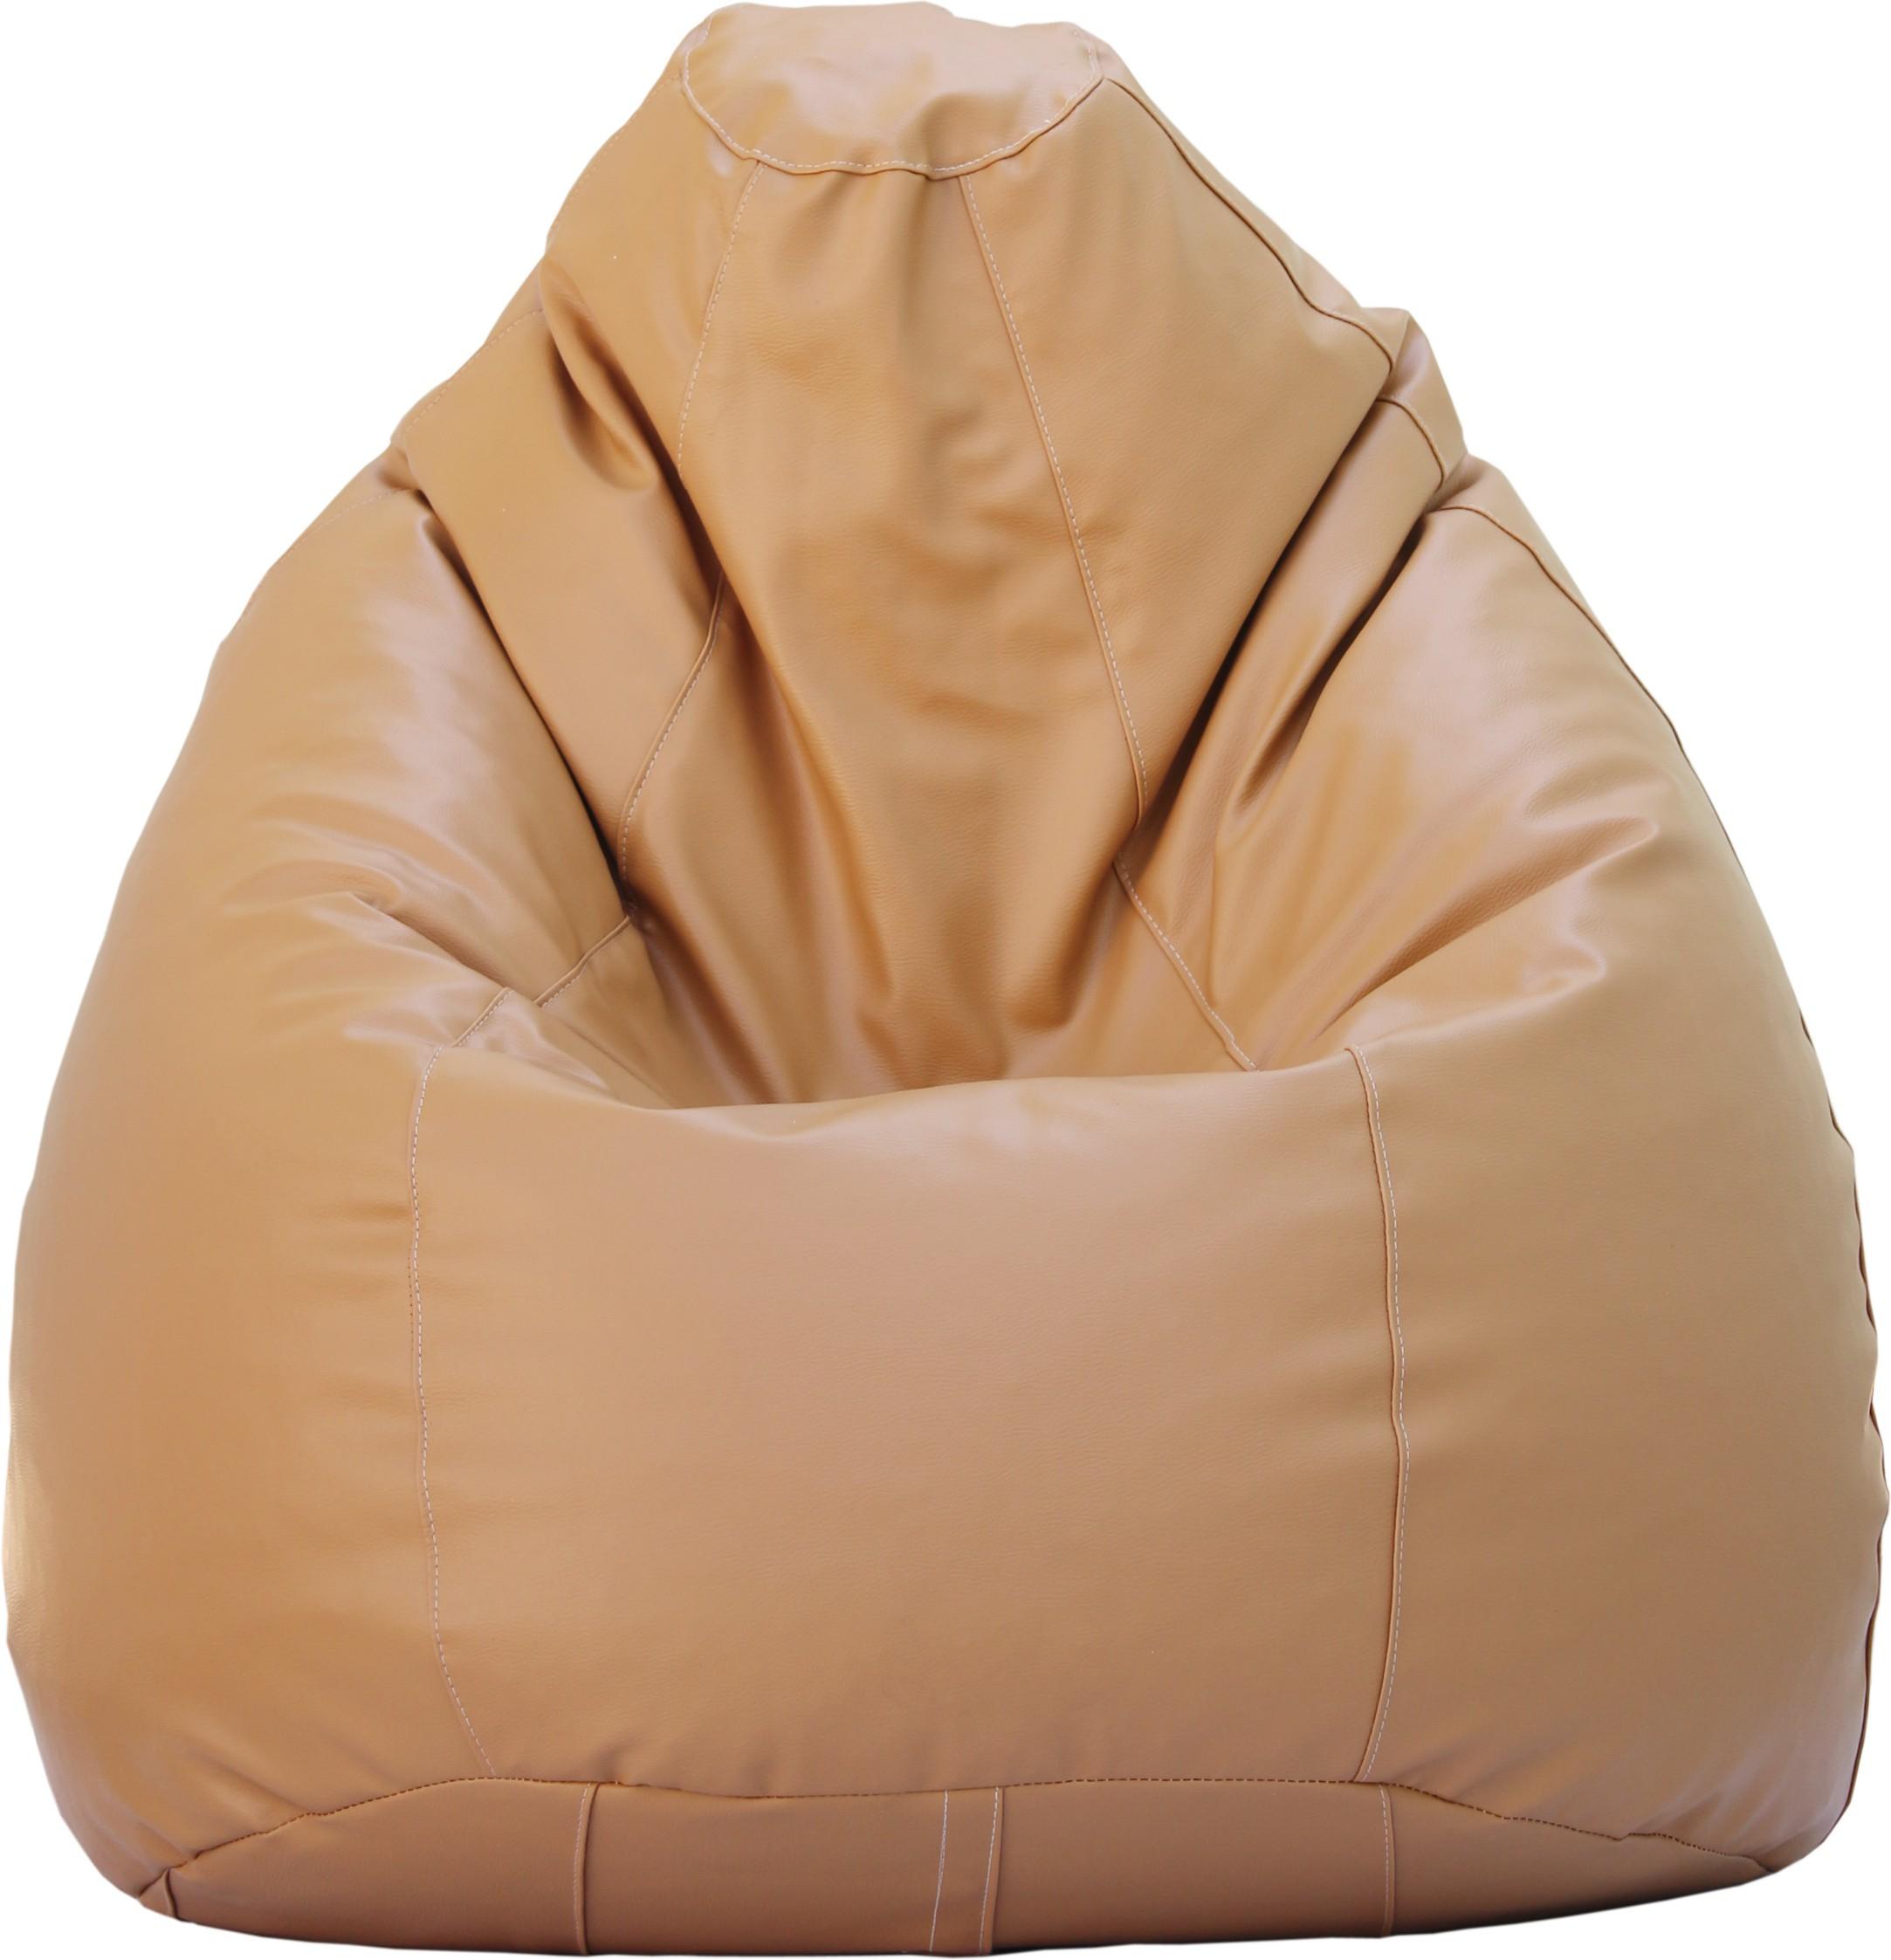 View Beanskart XXXL Bean Bag XXXL (Filled With Beans) Bean Bag  With Bean Filling(Copper) Furniture (Beanskart)